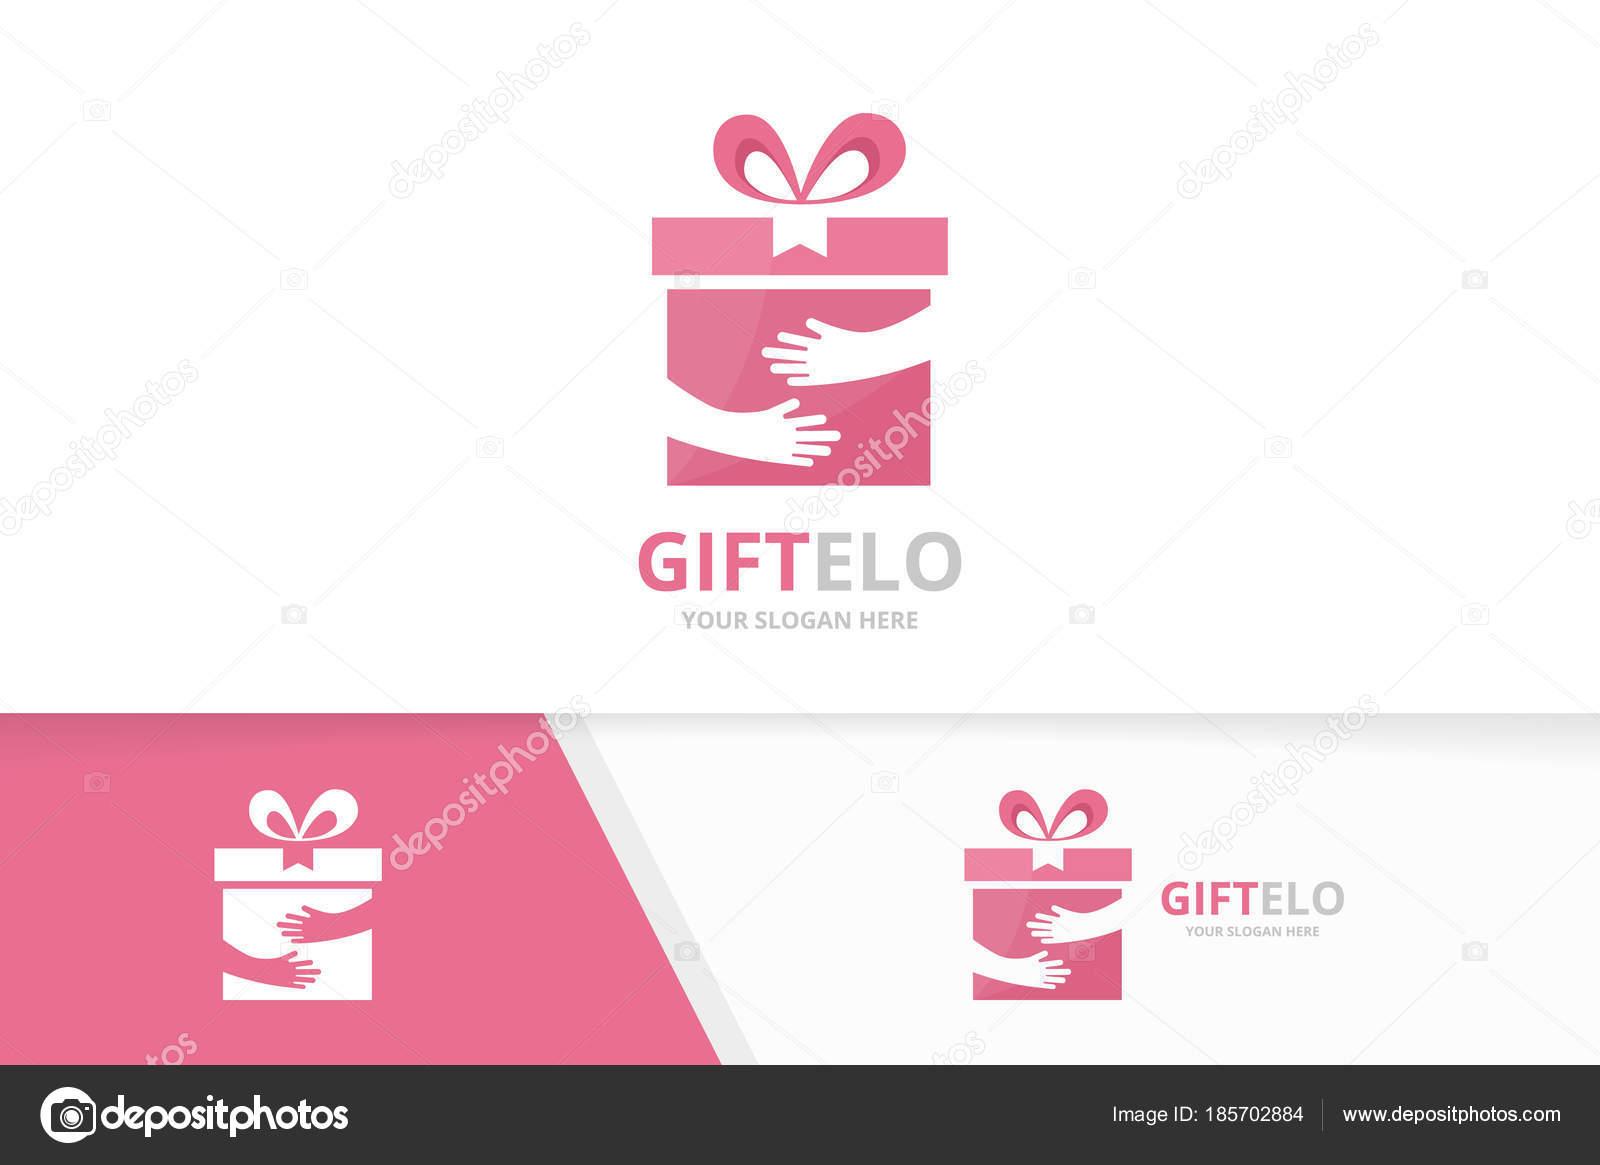 Freundschaft Logos kostenloser Download